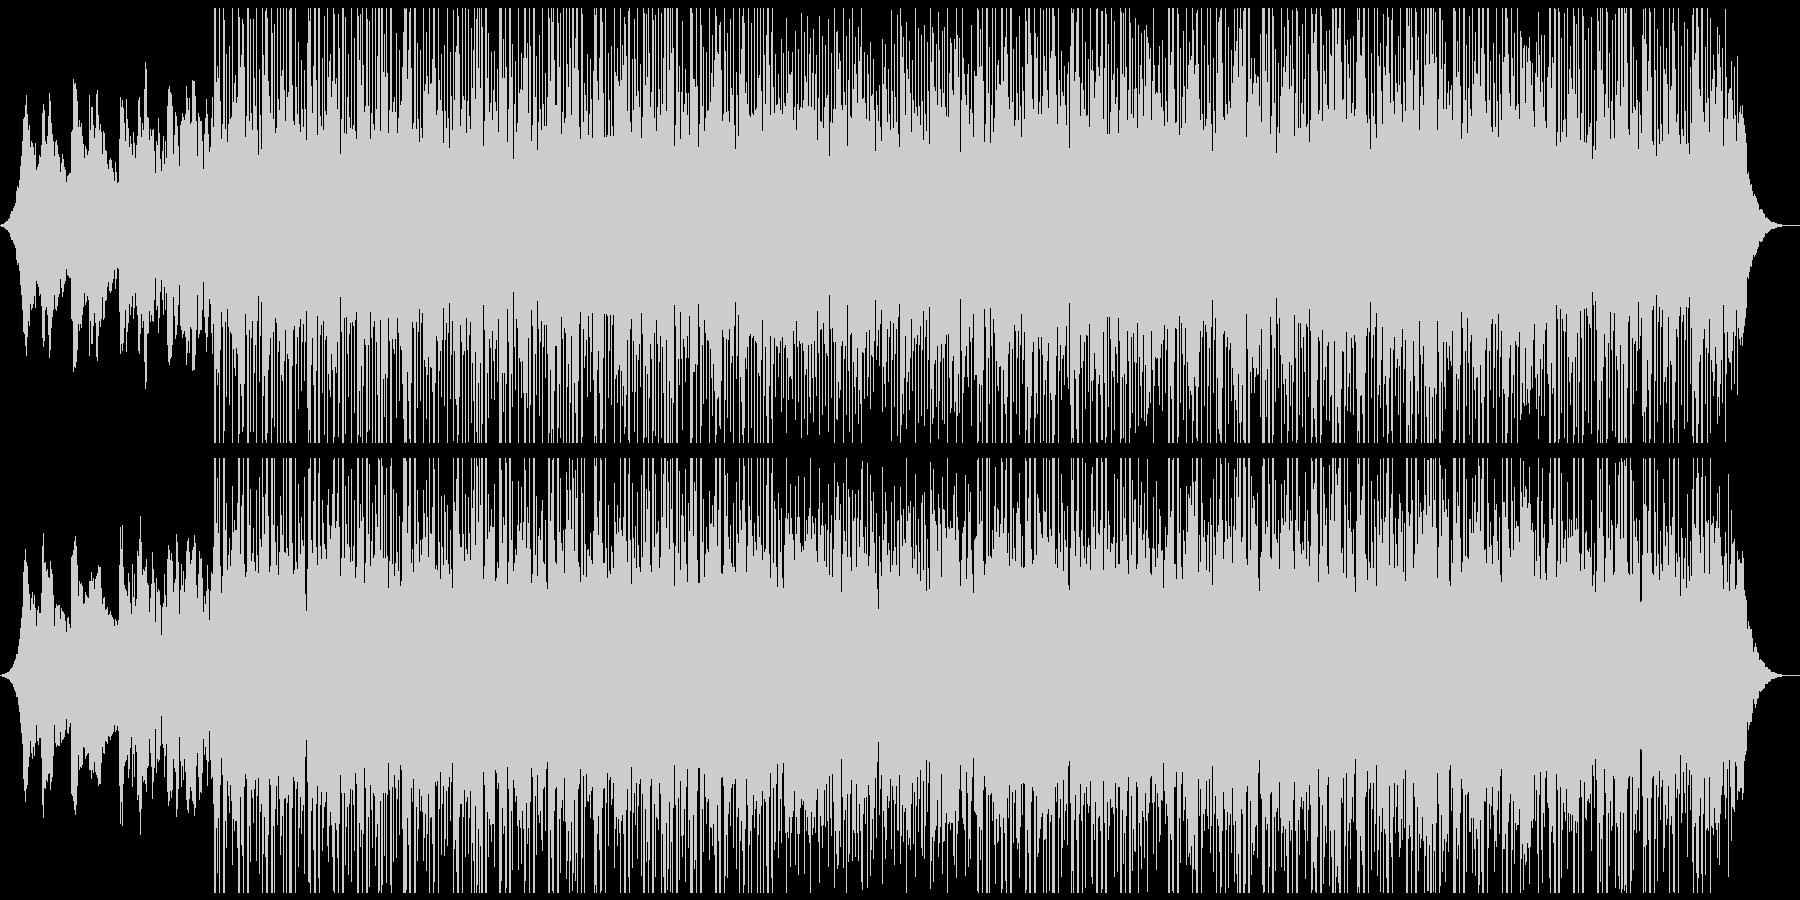 テクノロジーミュージックの未再生の波形